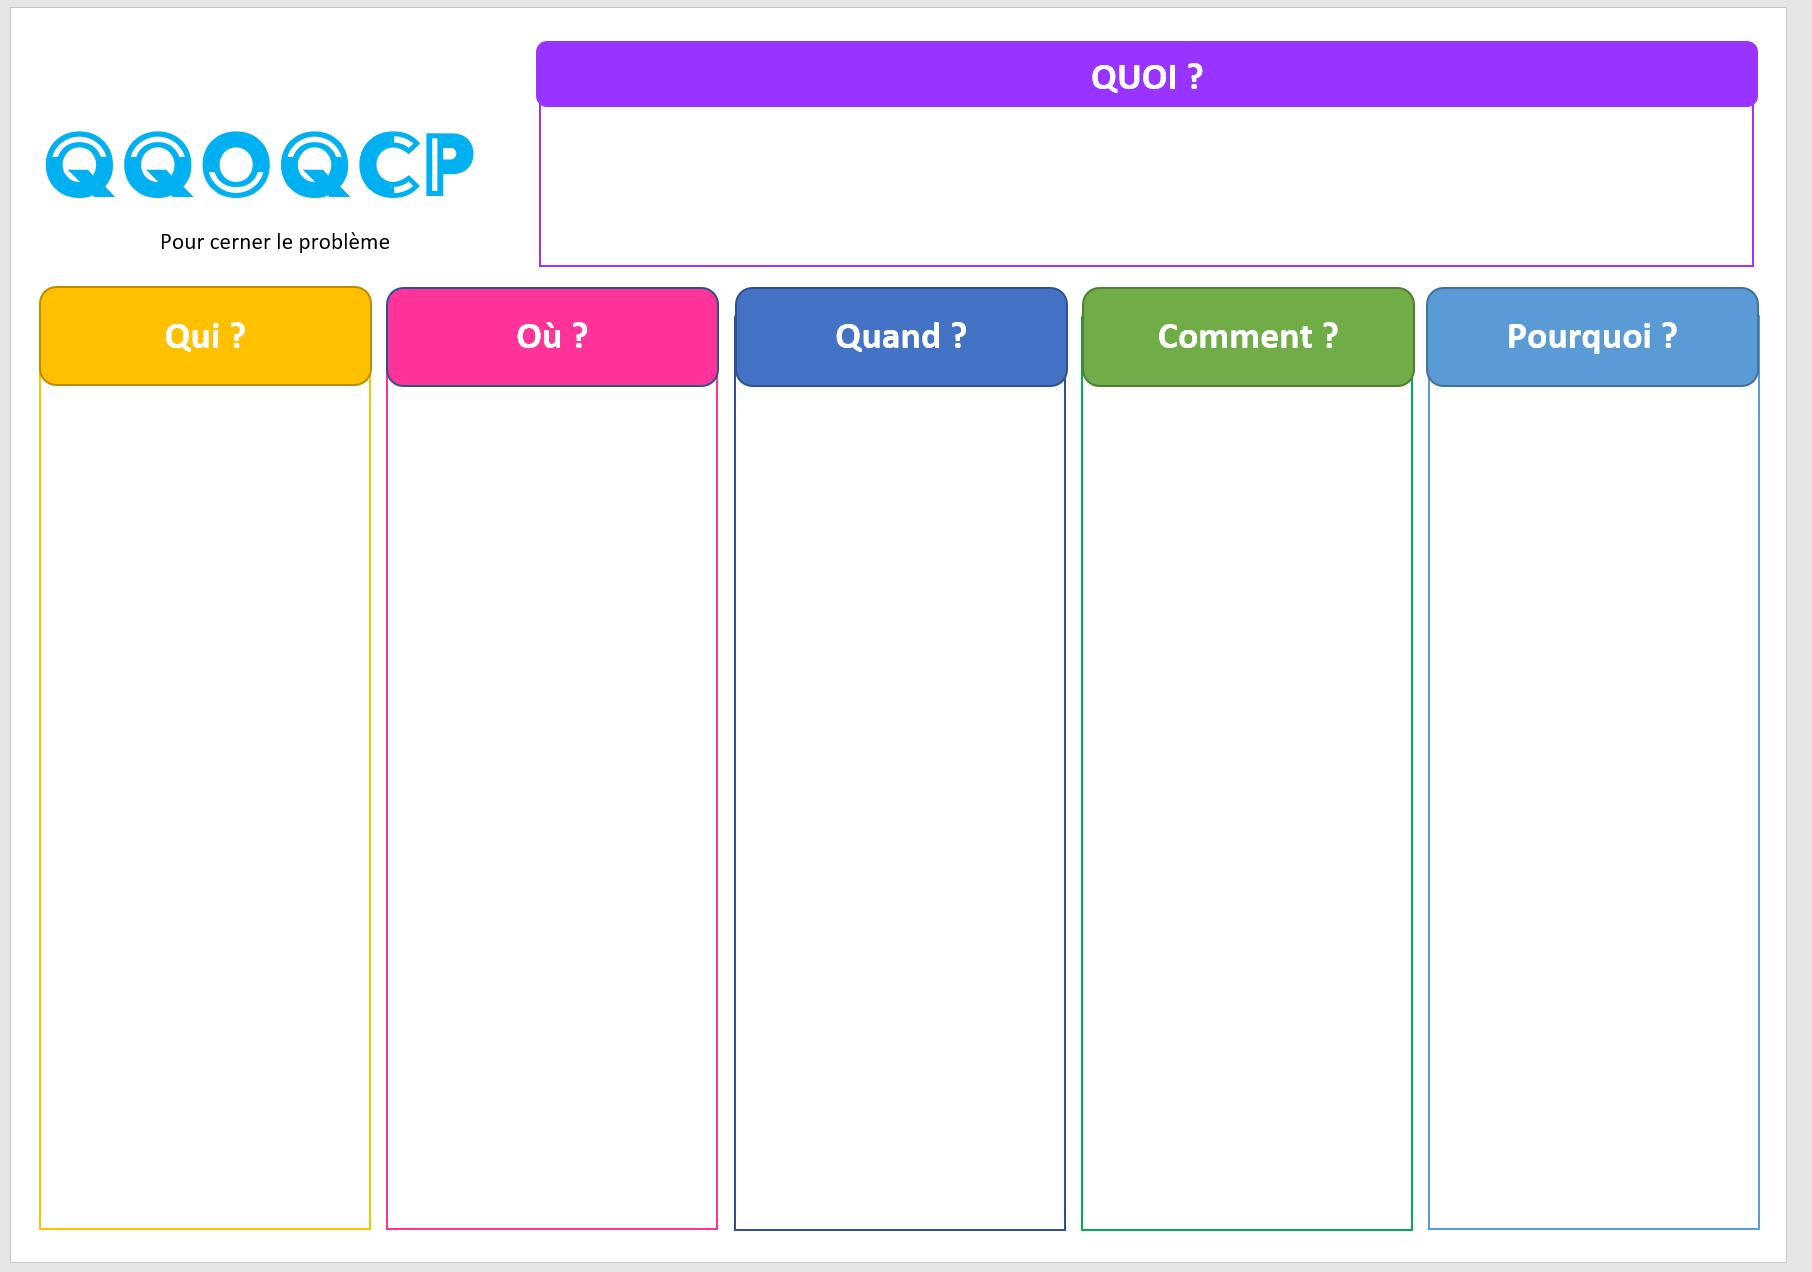 Visuel QQOQCP - Modèle 1 - Fichier PDF à Télécharger